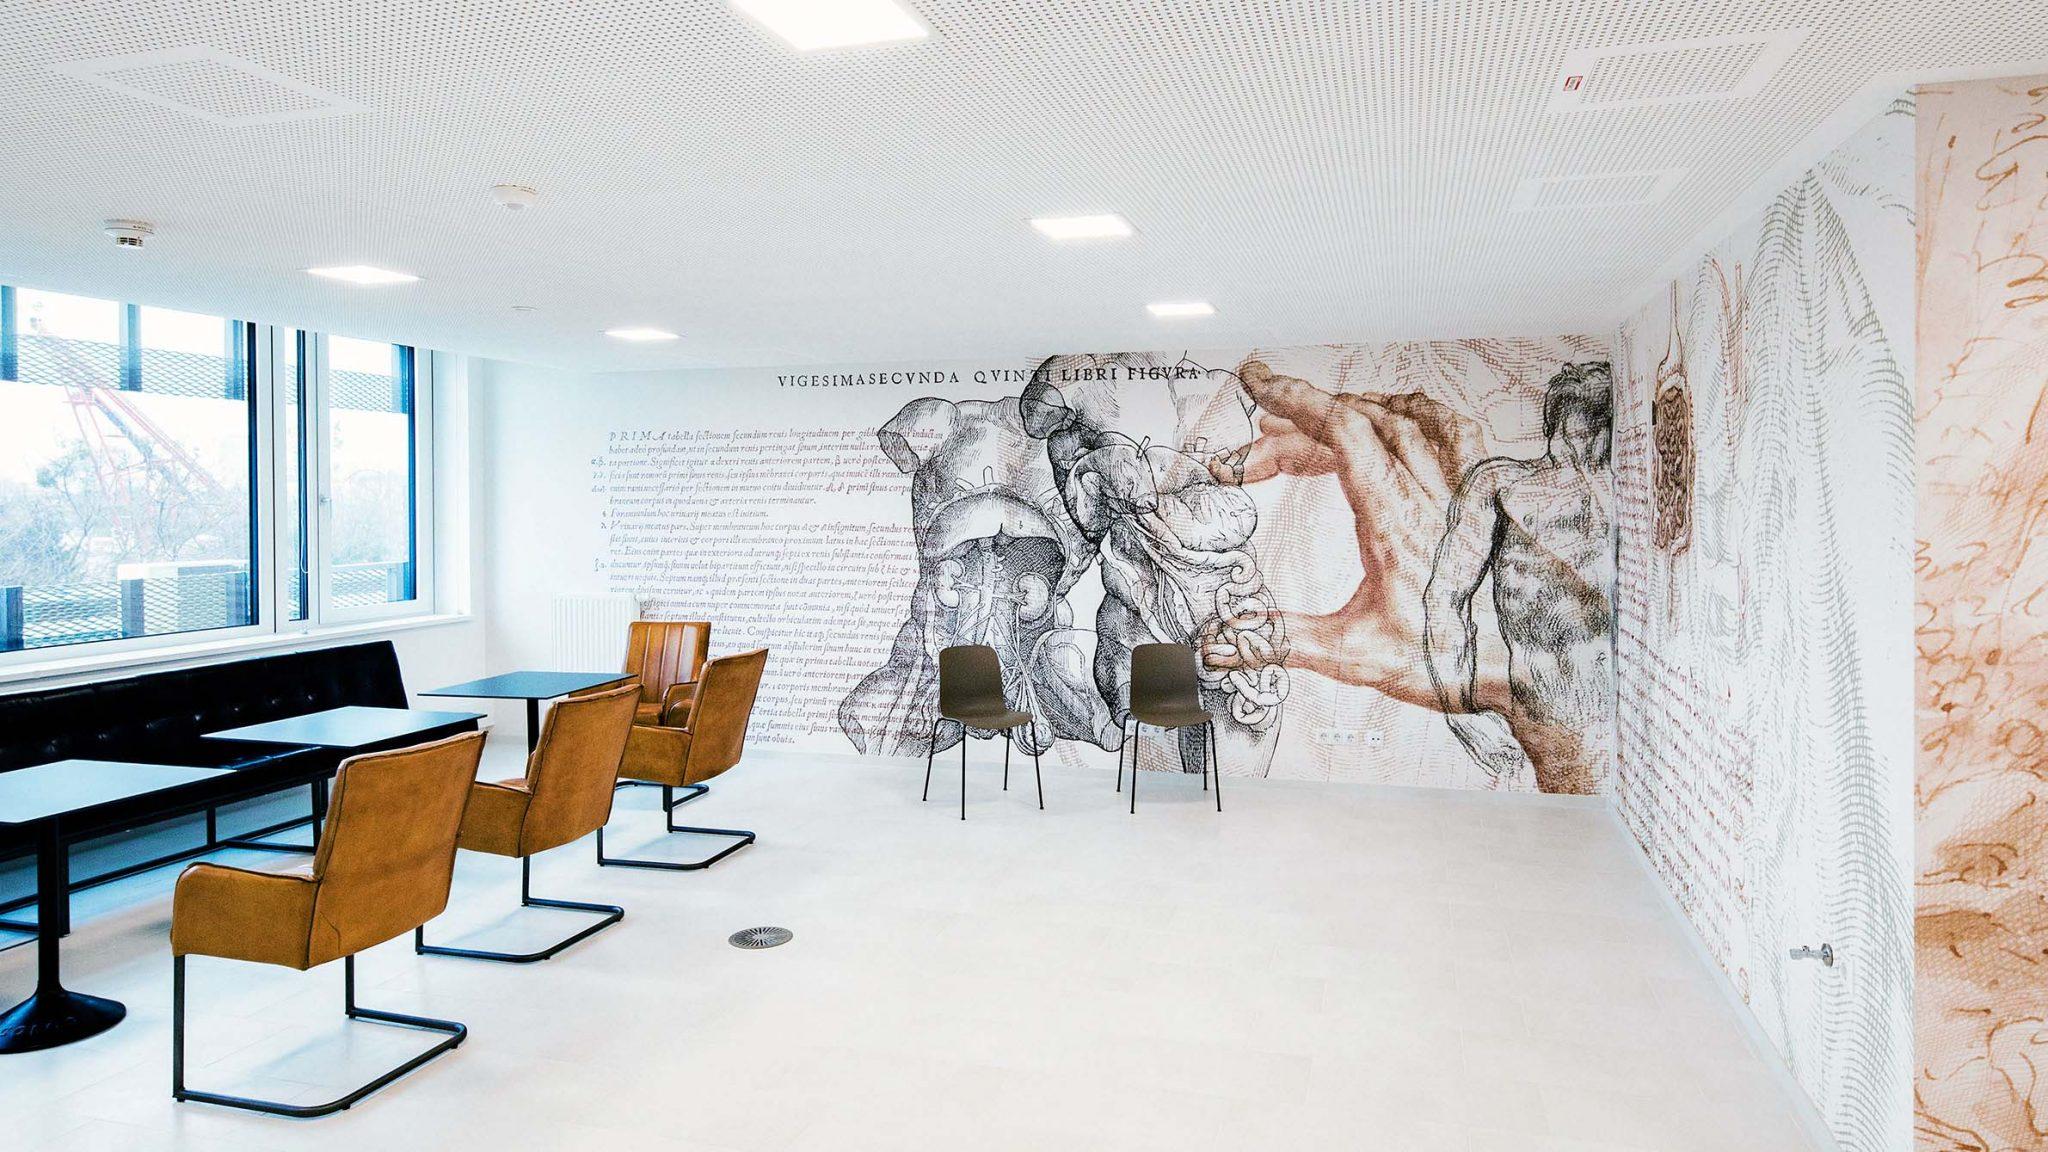 Sitzbereich eingerichtet mit Lederstühlen, Tischen und Tapete mit anatomischen Zeichnungen von Hand und Torso.